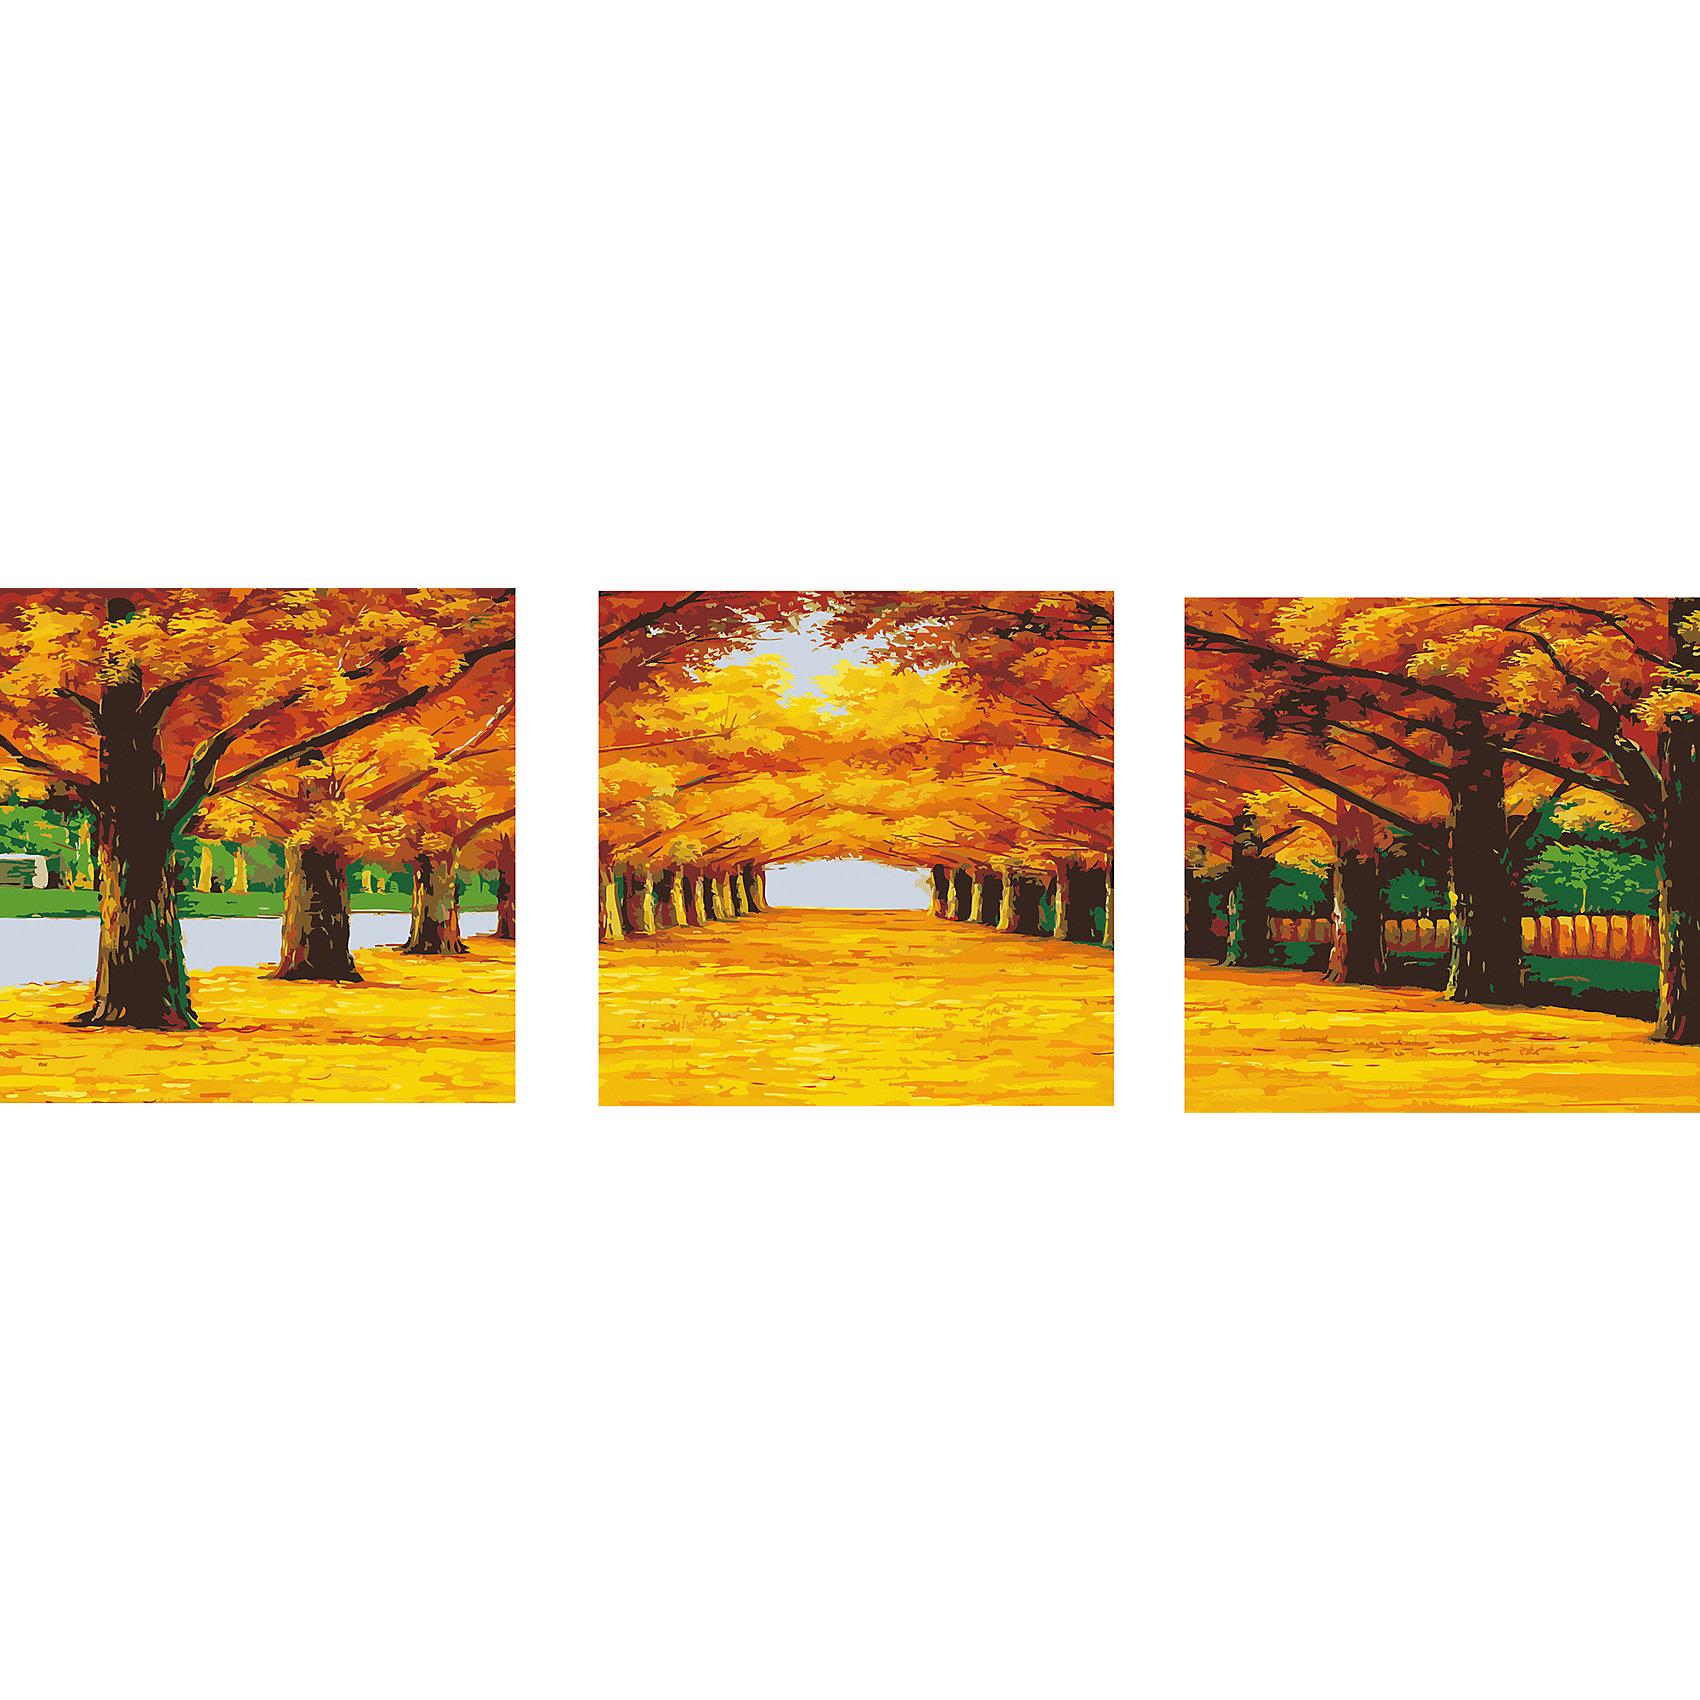 Роспись по номерам, триптих Осенняя аллея 50*50 см (3 картины в наборе)Последняя цена<br>Роспись по номерам, триптих Осенняя аллея 50*50 см (3 картины в наборе)<br><br>В набор входит:<br>-3 холста с нанесенным, пронумерованным рисунком<br>-набор акриловых красок на водяной основе<br>-3 кисточки для рисования<br>-крепление для подвешивания картины<br>-запасной чистый лист<br>-инструкция<br><br>Характеристика:<br>-Размер: 50х50 см<br>-Изображение: осенняя аллея<br><br> Роспись по номерам, триптих Осенняя аллея 50*50 см (3 картины в наборе) - это интересное решение для украшения вашего интерьера. Вы можете написать картину сами без всяких затруднений, благодаря нумеровке, которая подскажет вам, что и каким цветом раскрашивать. Нарисовав картину, вы сможете повесить её в любое место с помощью крепления, прилагающемуся вместе с картинами. Благодаря качеству акриловых красок, ваша картина не потускнеет со временем и будет радовать вас долгое время.<br><br>Роспись по номерам, триптих Осенняя аллея 50*50 см (3 картины в наборе) можно приобрести в нашем интернет-магазине.<br><br>Ширина мм: 520<br>Глубина мм: 520<br>Высота мм: 50<br>Вес г: 900<br>Возраст от месяцев: 36<br>Возраст до месяцев: 2147483647<br>Пол: Унисекс<br>Возраст: Детский<br>SKU: 5117348